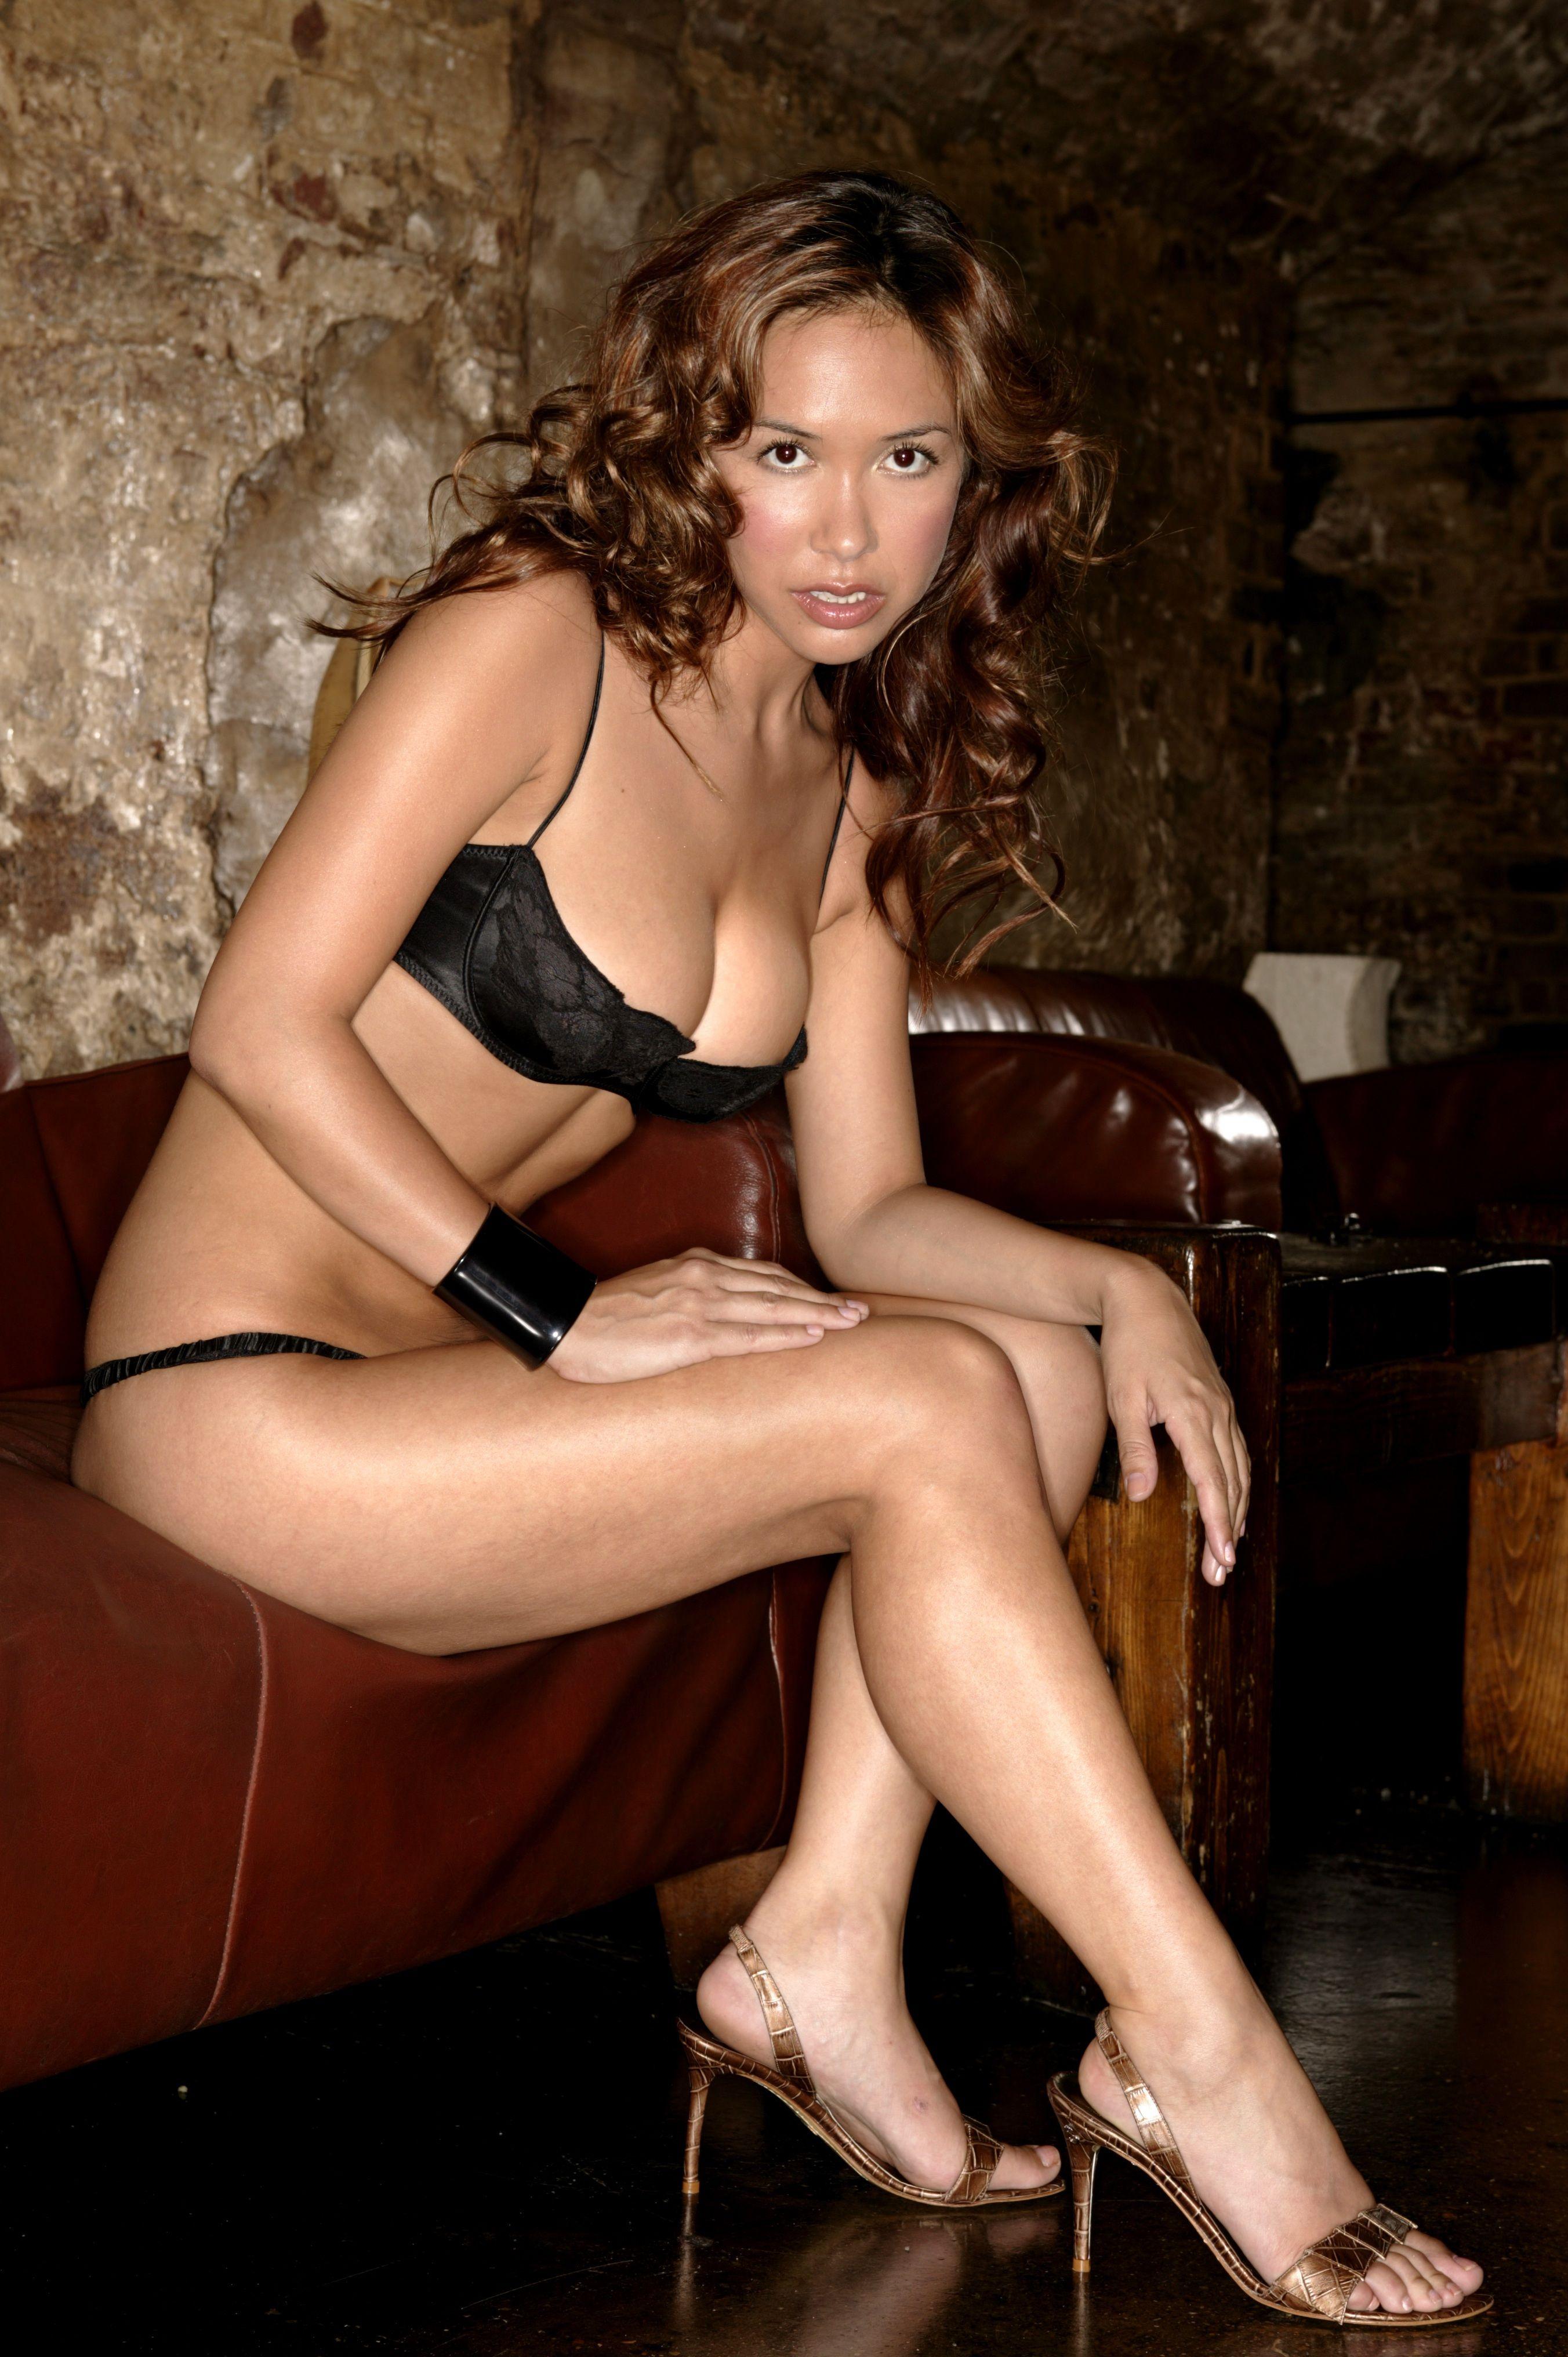 Stefanie Powers Legs - newhairstylesformen2014.com